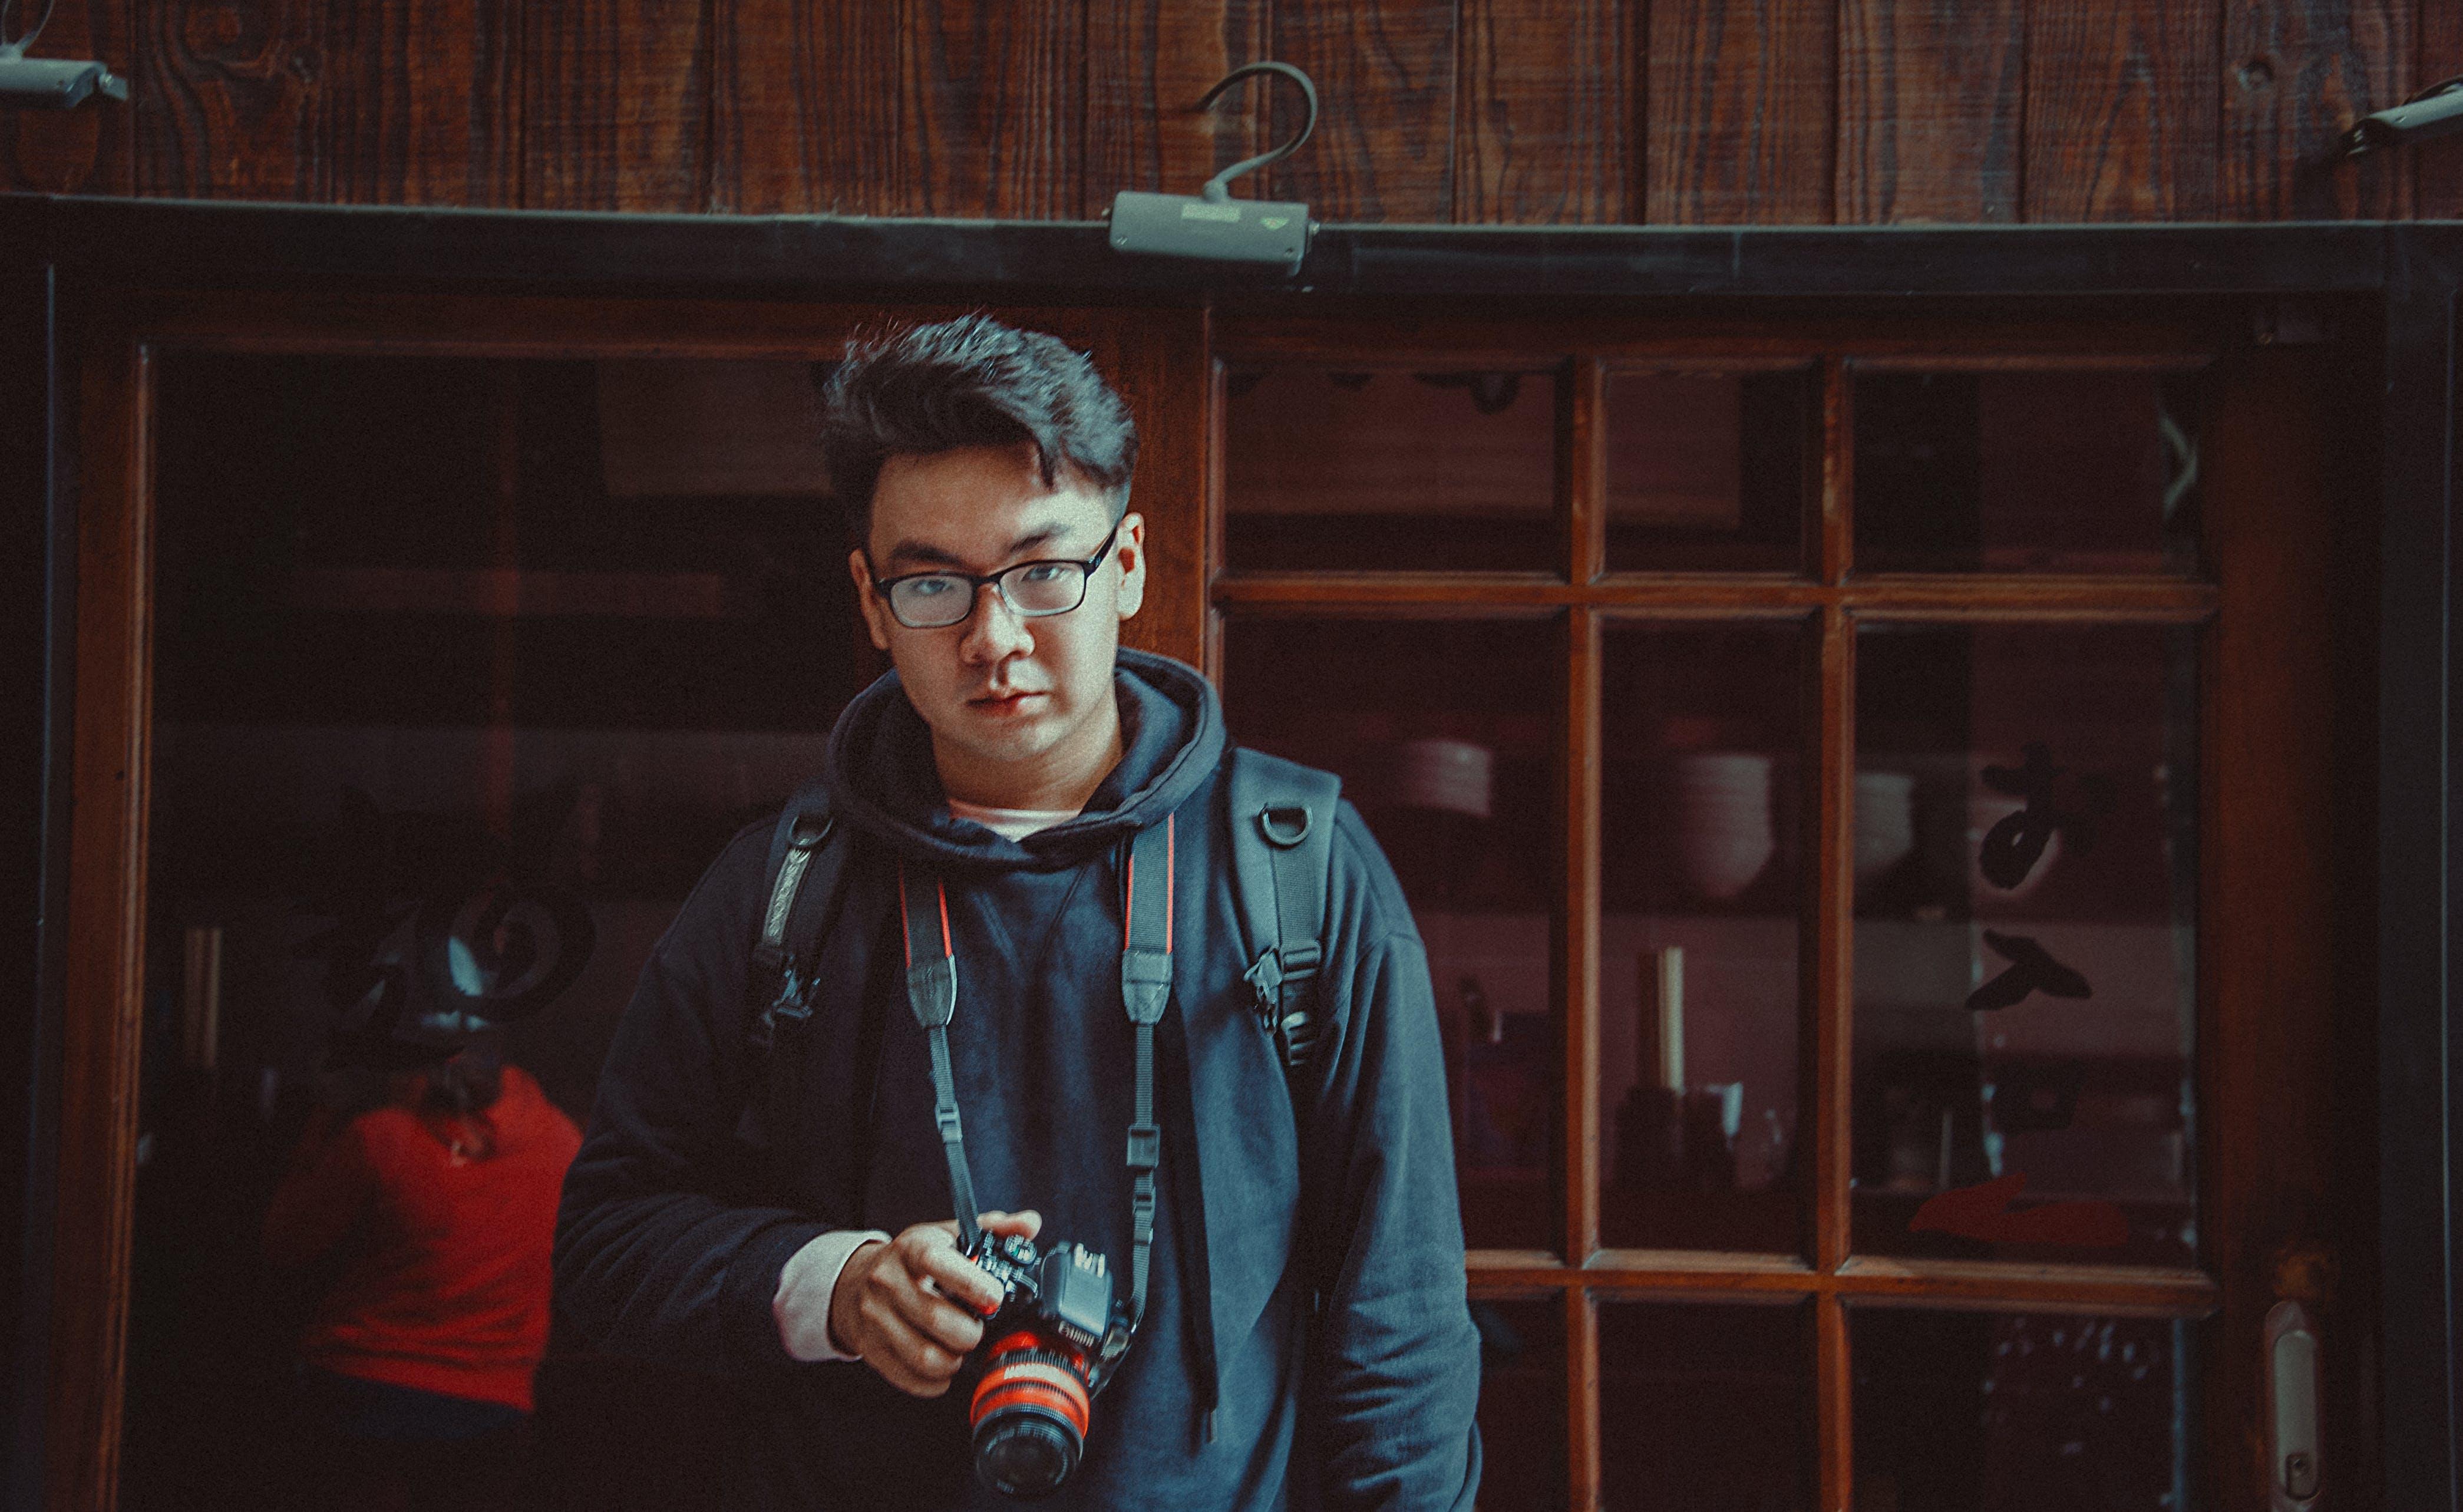 Man Wearing Jacket Holding Dslr Camera